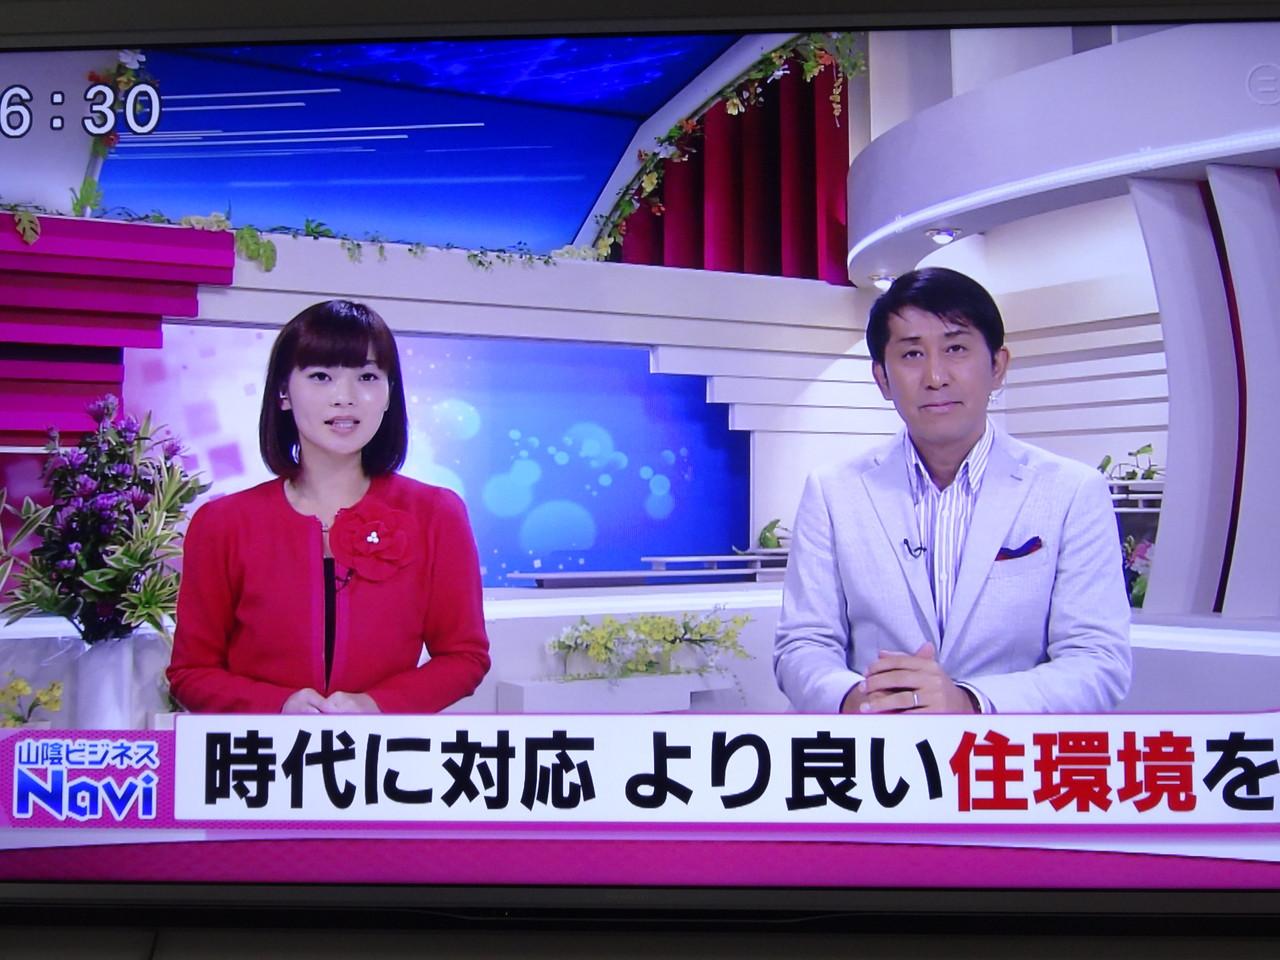 日本 海 テレビ